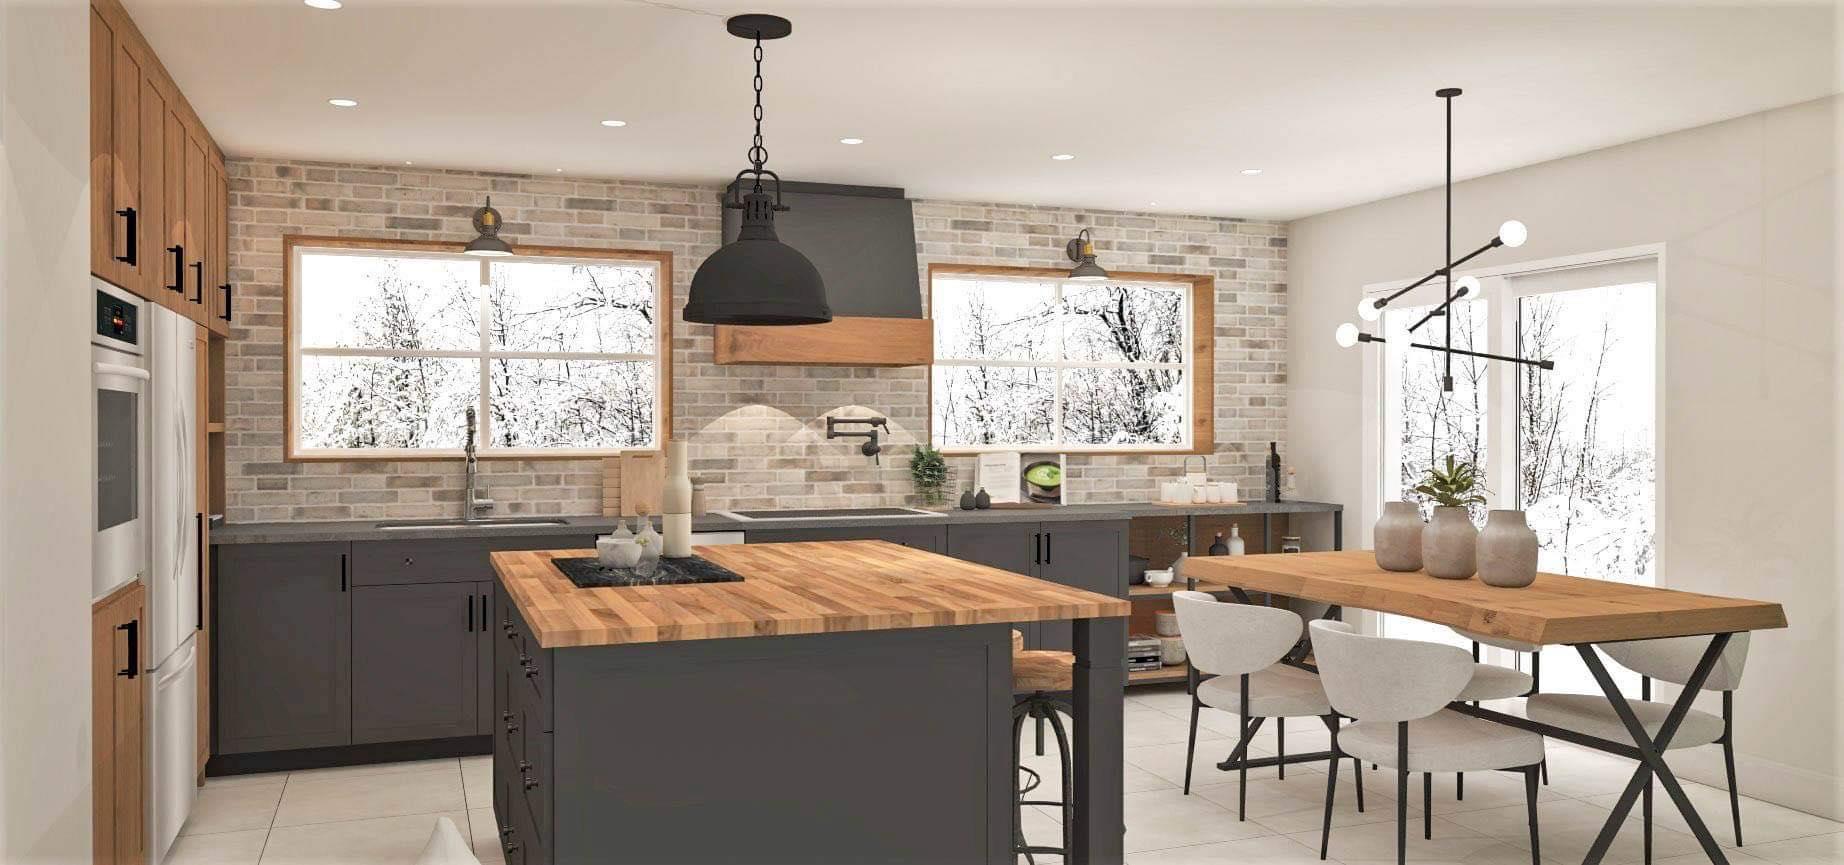 La cour arrière design Struktura 2020 - Salle à manger